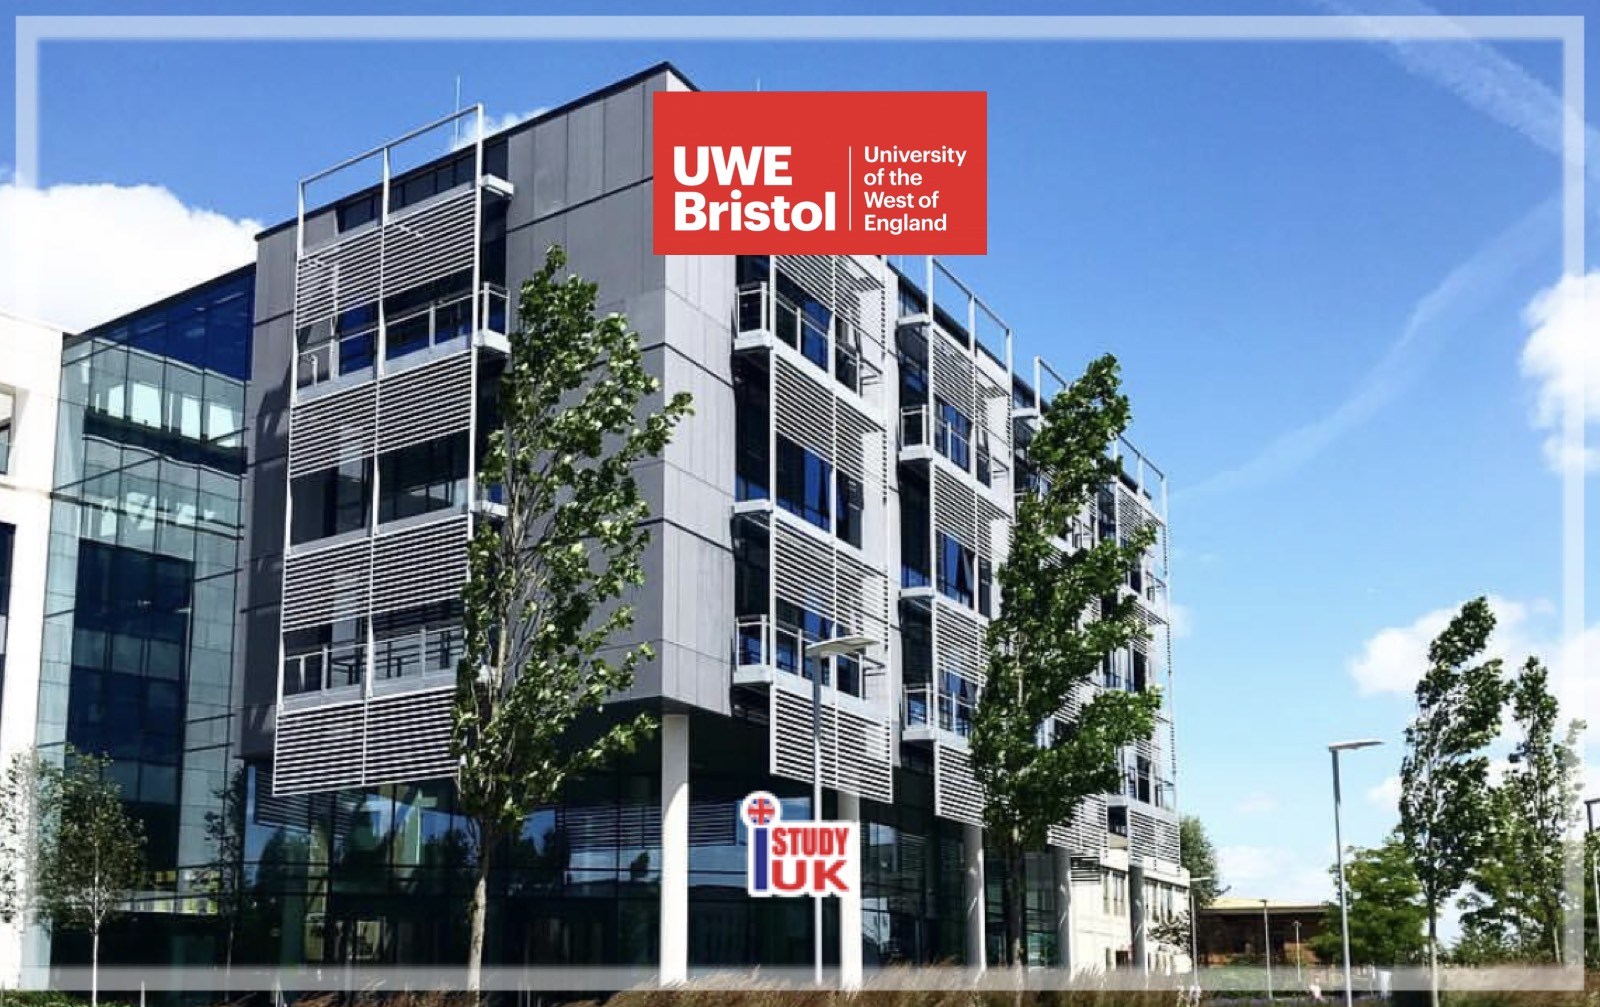 สมัครเรียนปริญญาโทปริญญาตรีอังกฤษนอกลอนดอน at UWE - Bristol - University of the West of England, UK ไม่ใช้ IELTS กับเอเจนซี่เรียนต่ออังกฤษ I Study UK...We focus only UK